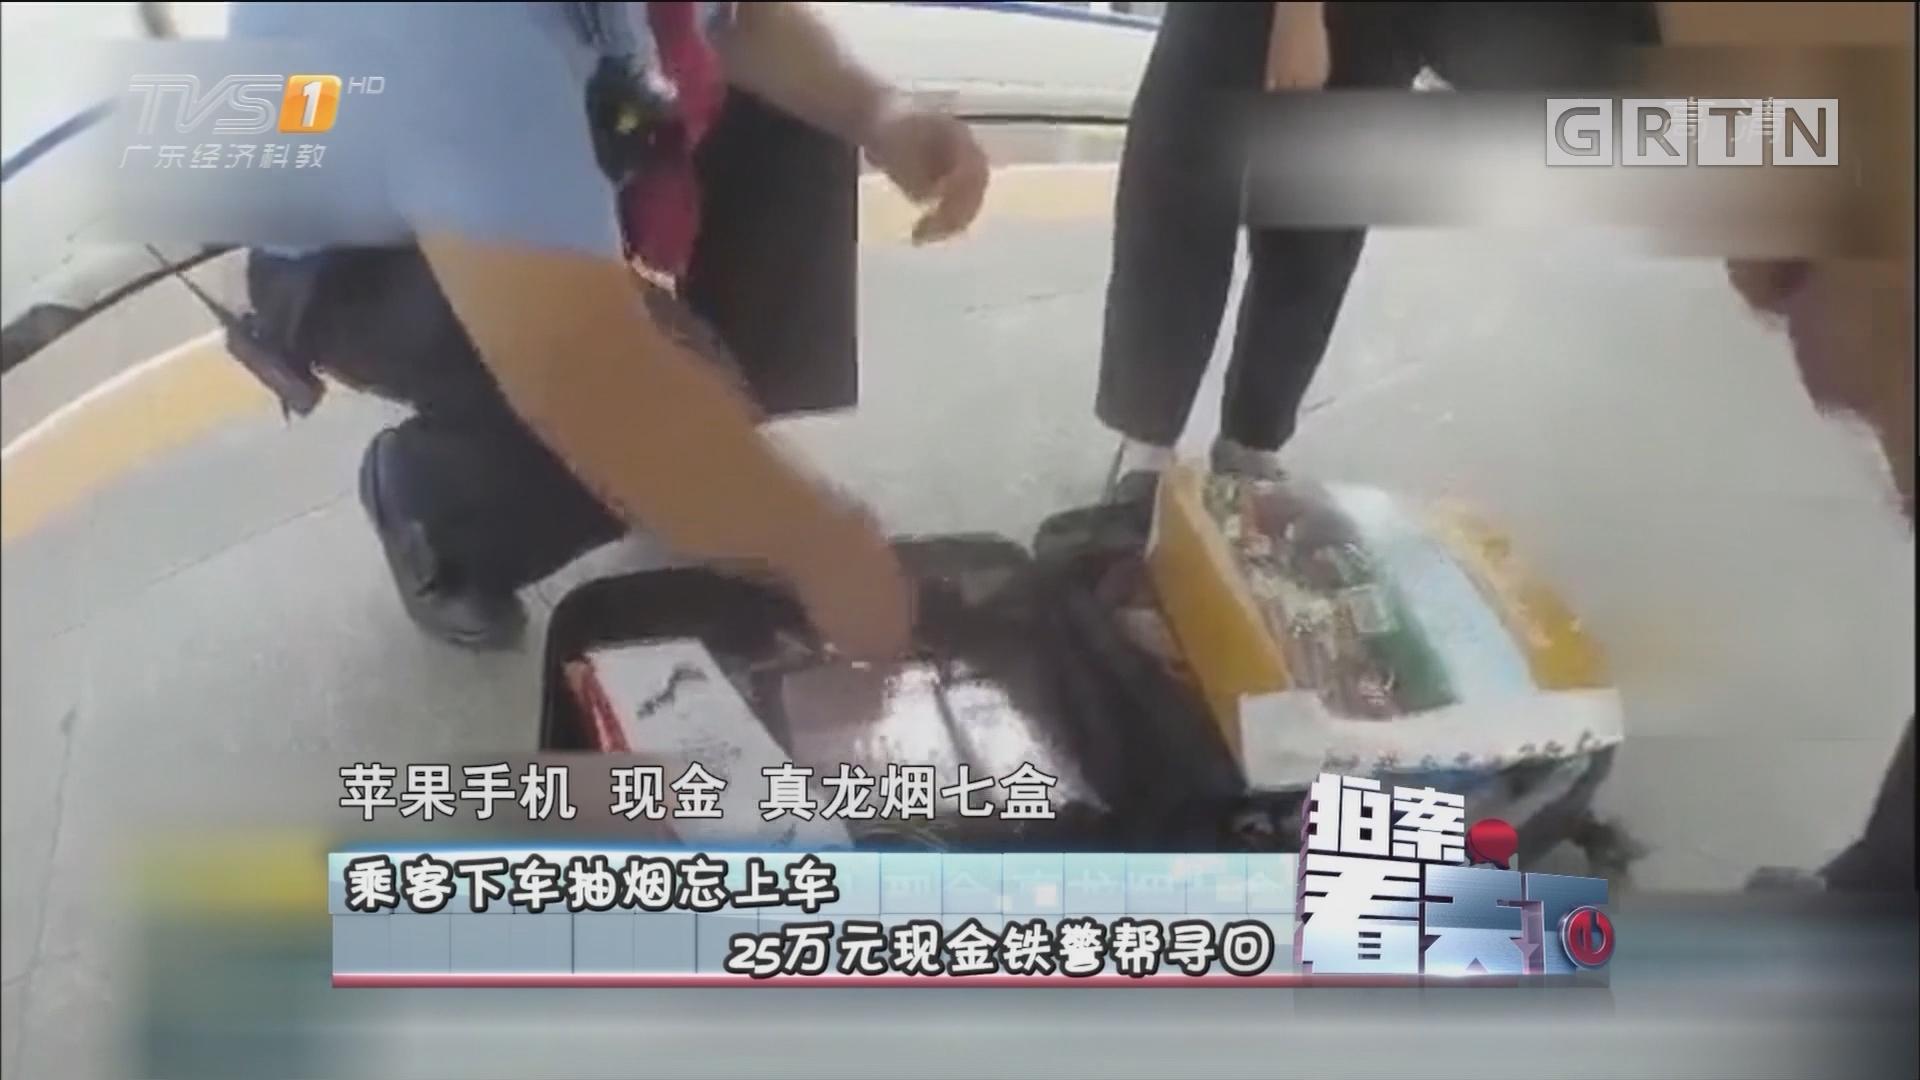 [HD][2017-10-09]拍案看天下:乘客下车抽烟忘上车 25万元现金铁警帮寻回